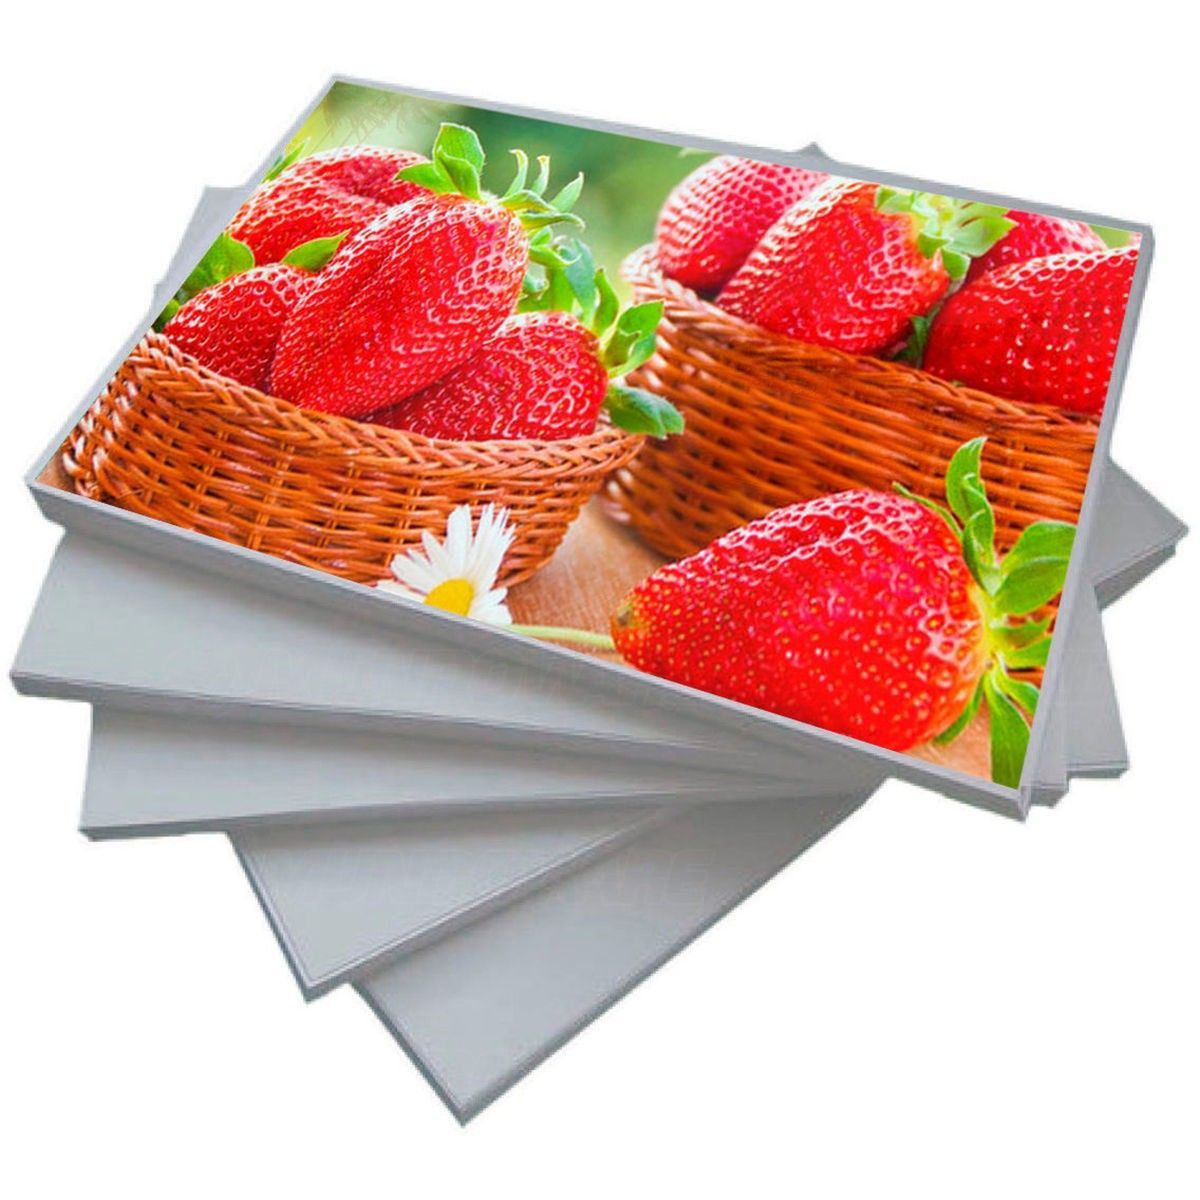 Papel Fotográfico 115g A4 Glossy Branco Brilhante Resistente à Água / 500 folhas